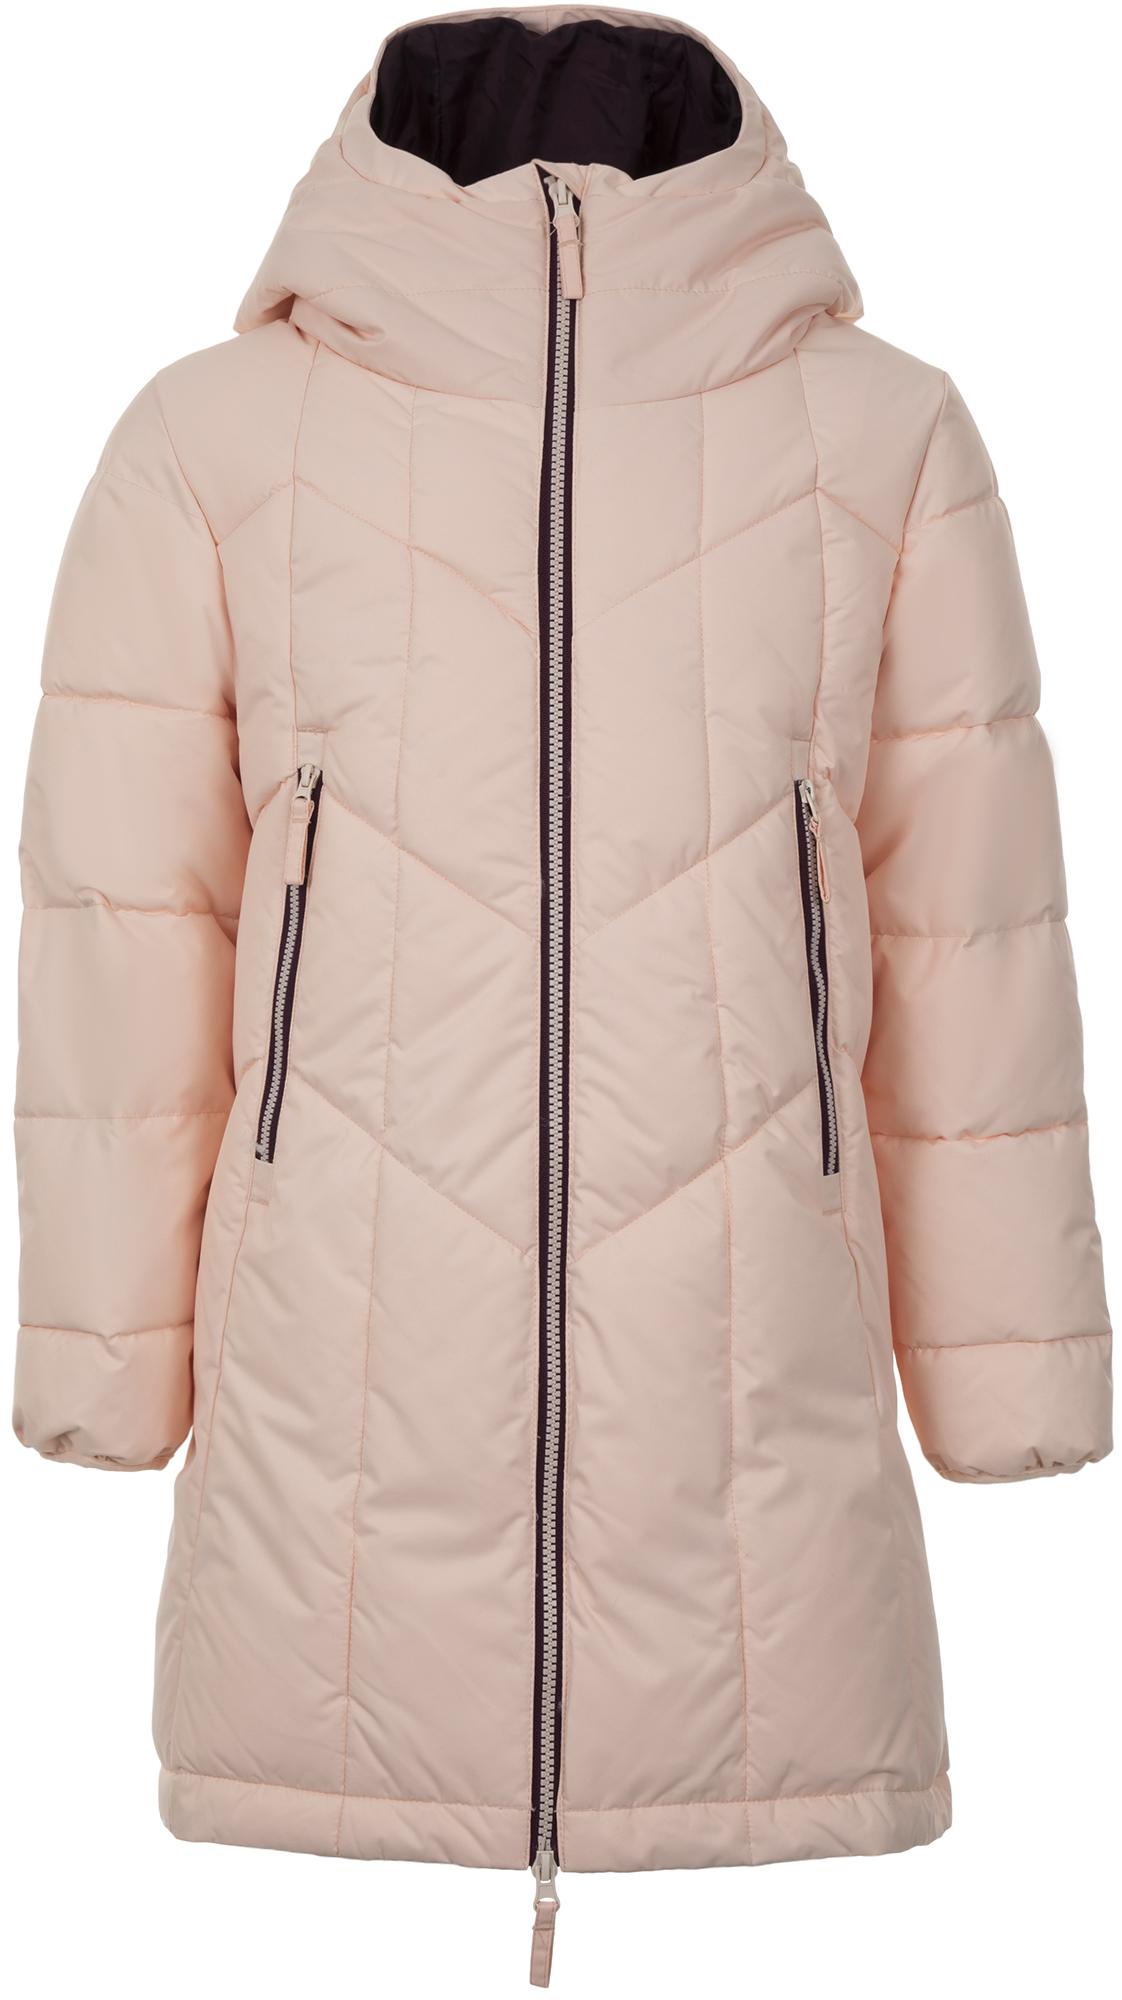 Demix Куртка утепленная для девочек Demix, размер 140